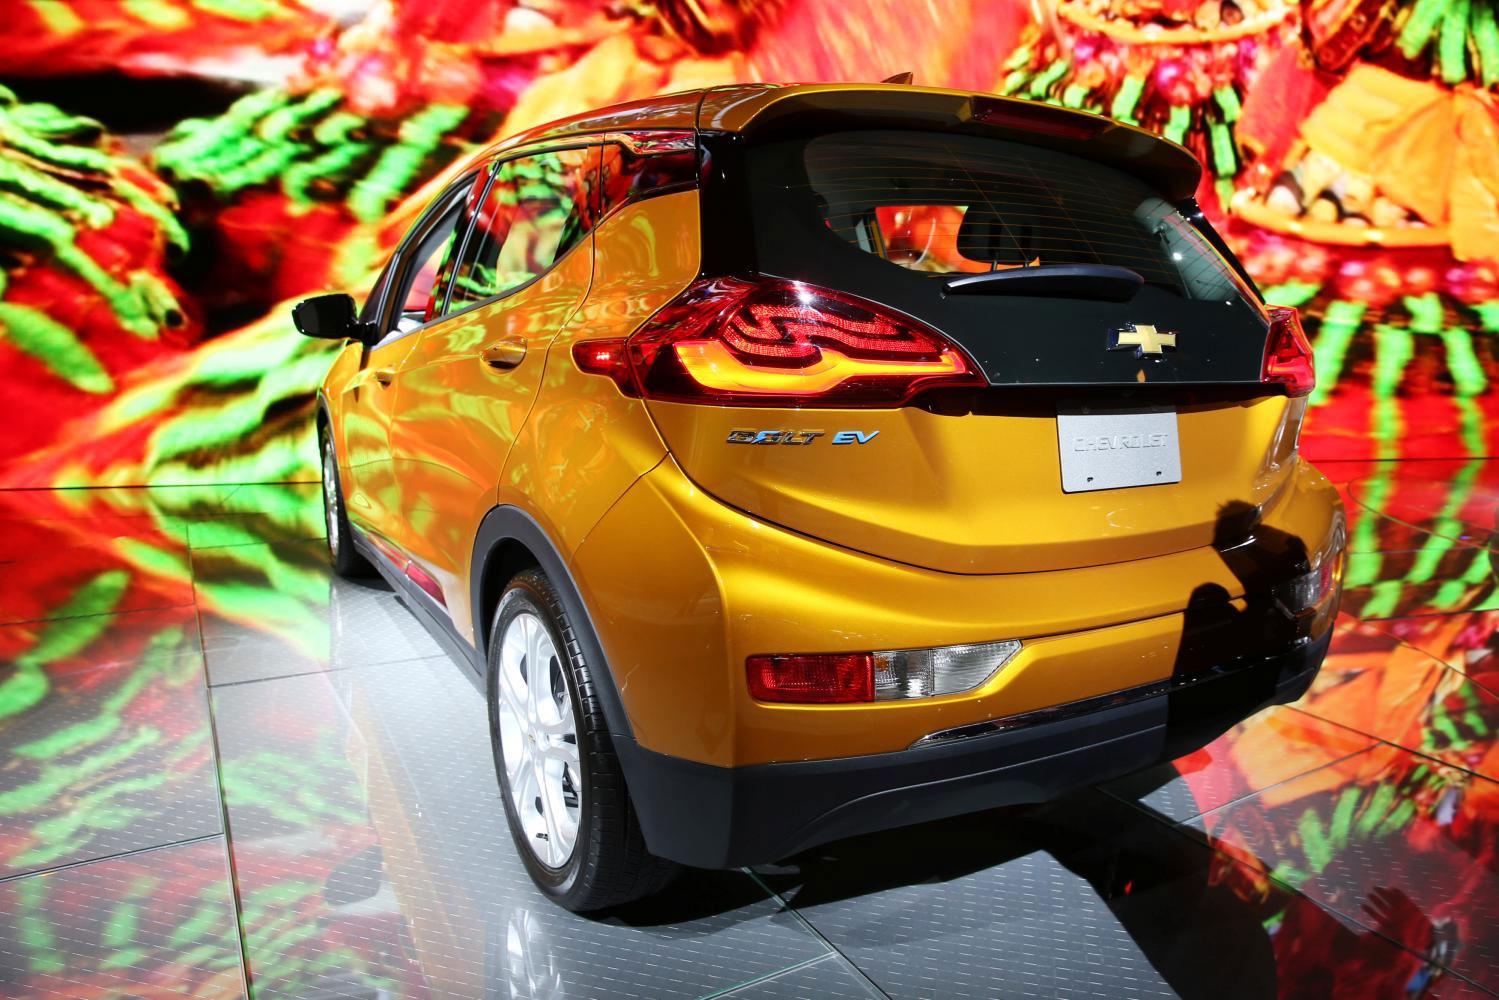 GM's Chevrolet Bolt Recall Casts Shadow Over EV Push